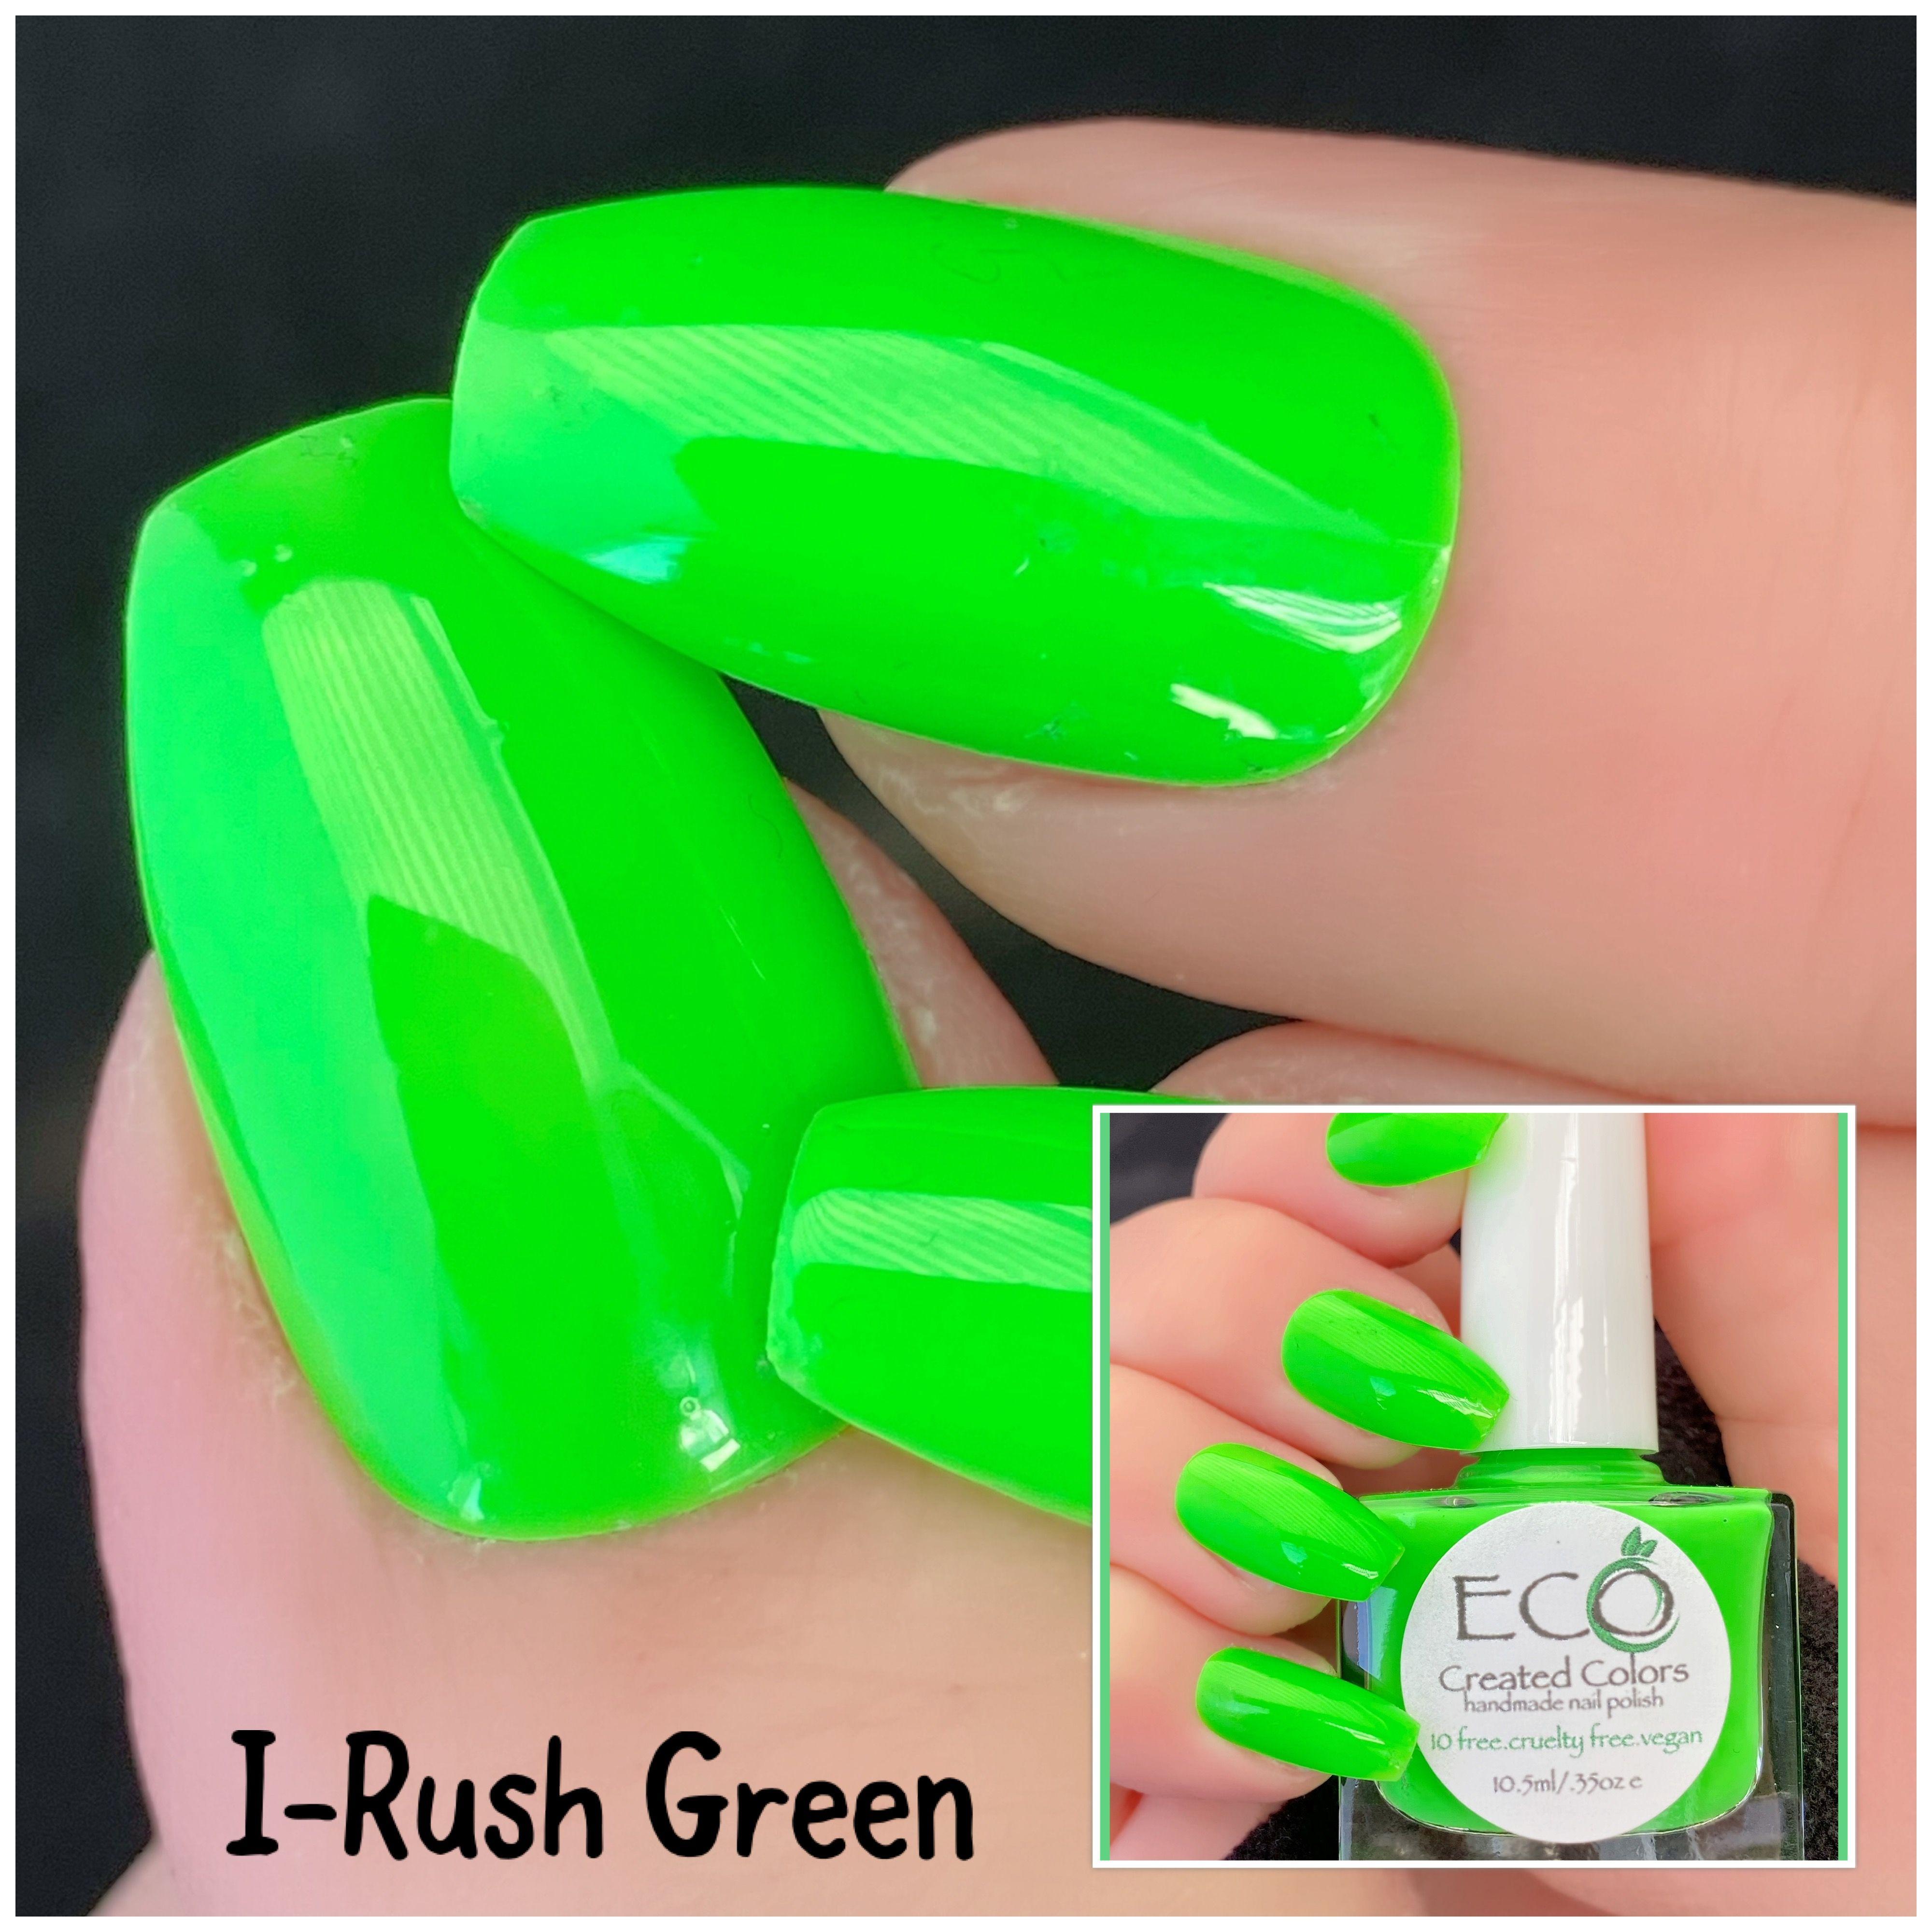 Green Neon Nail Polish Nail Lacquer 10 Free Nail Polish Etsy In 2020 Neon Nail Polish Neon Nails Vegan Nail Polish